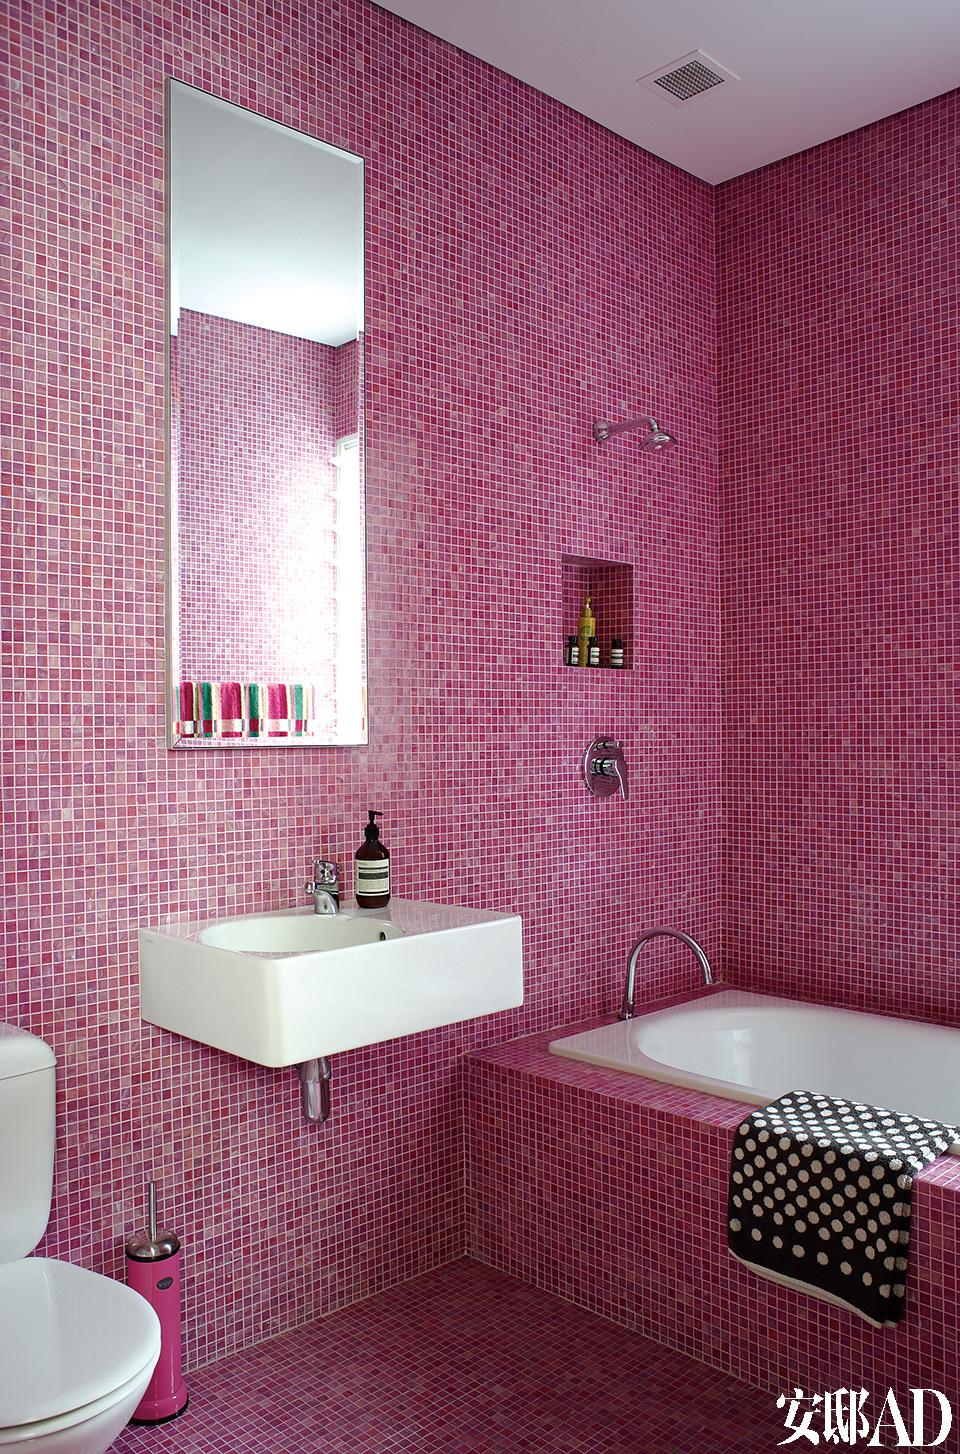 卫生间采用了Scott最热衷的色彩。墙上贴着Bisazza的Smalto马赛克瓷砖,水龙头来自Fantini,浴巾为Kenzo品牌。